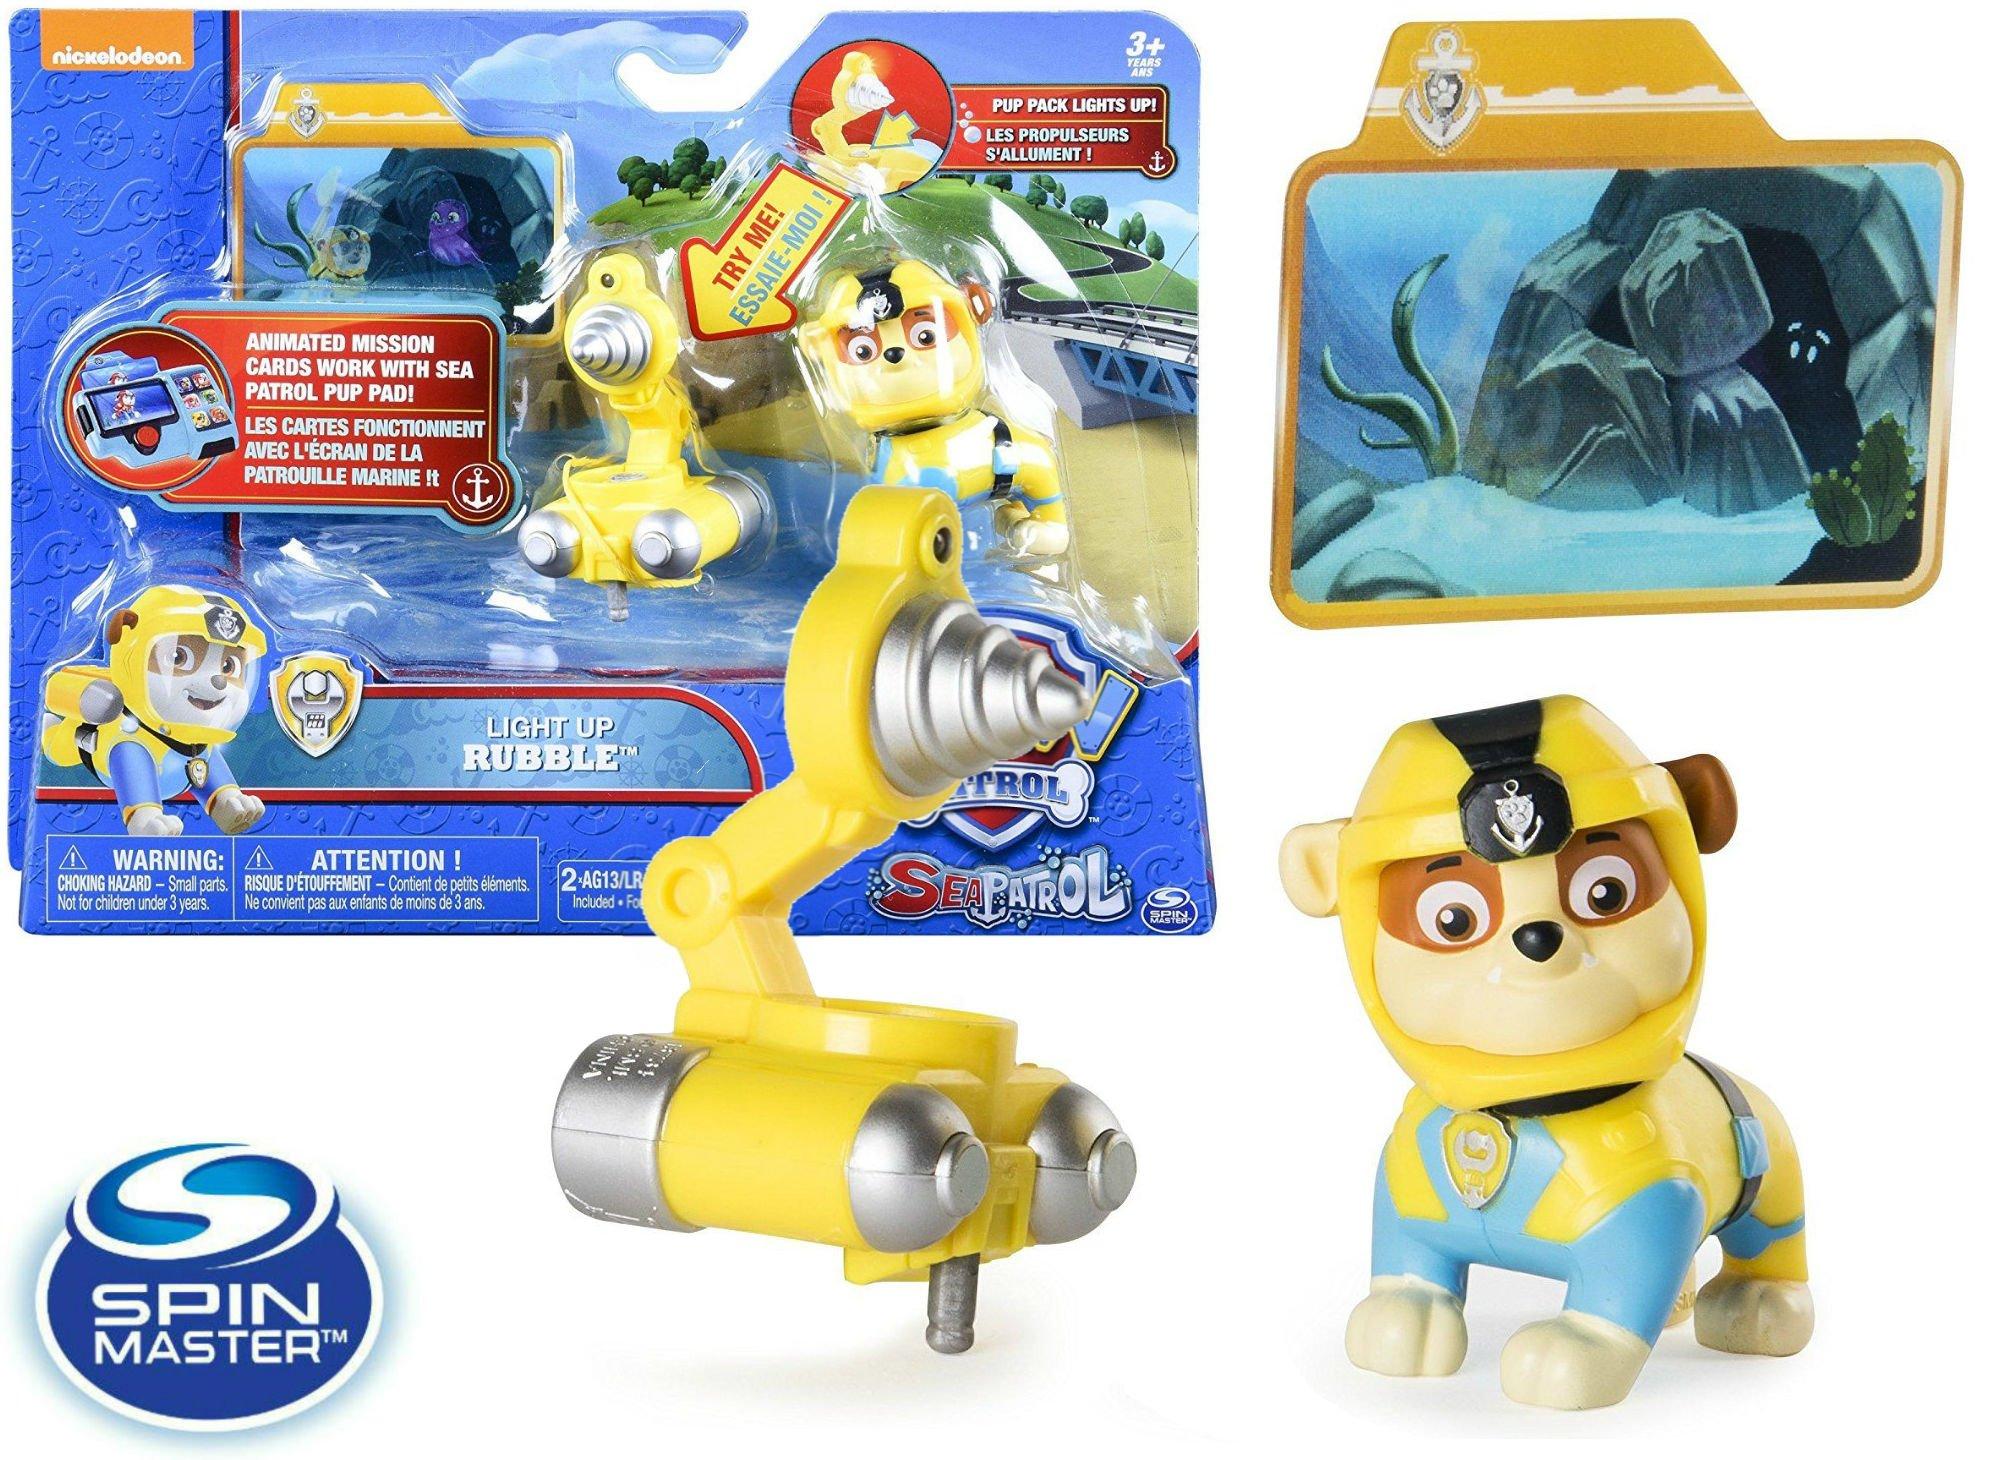 Spin Master Psi Patrol Morski Figurka Akcji Rubble światło